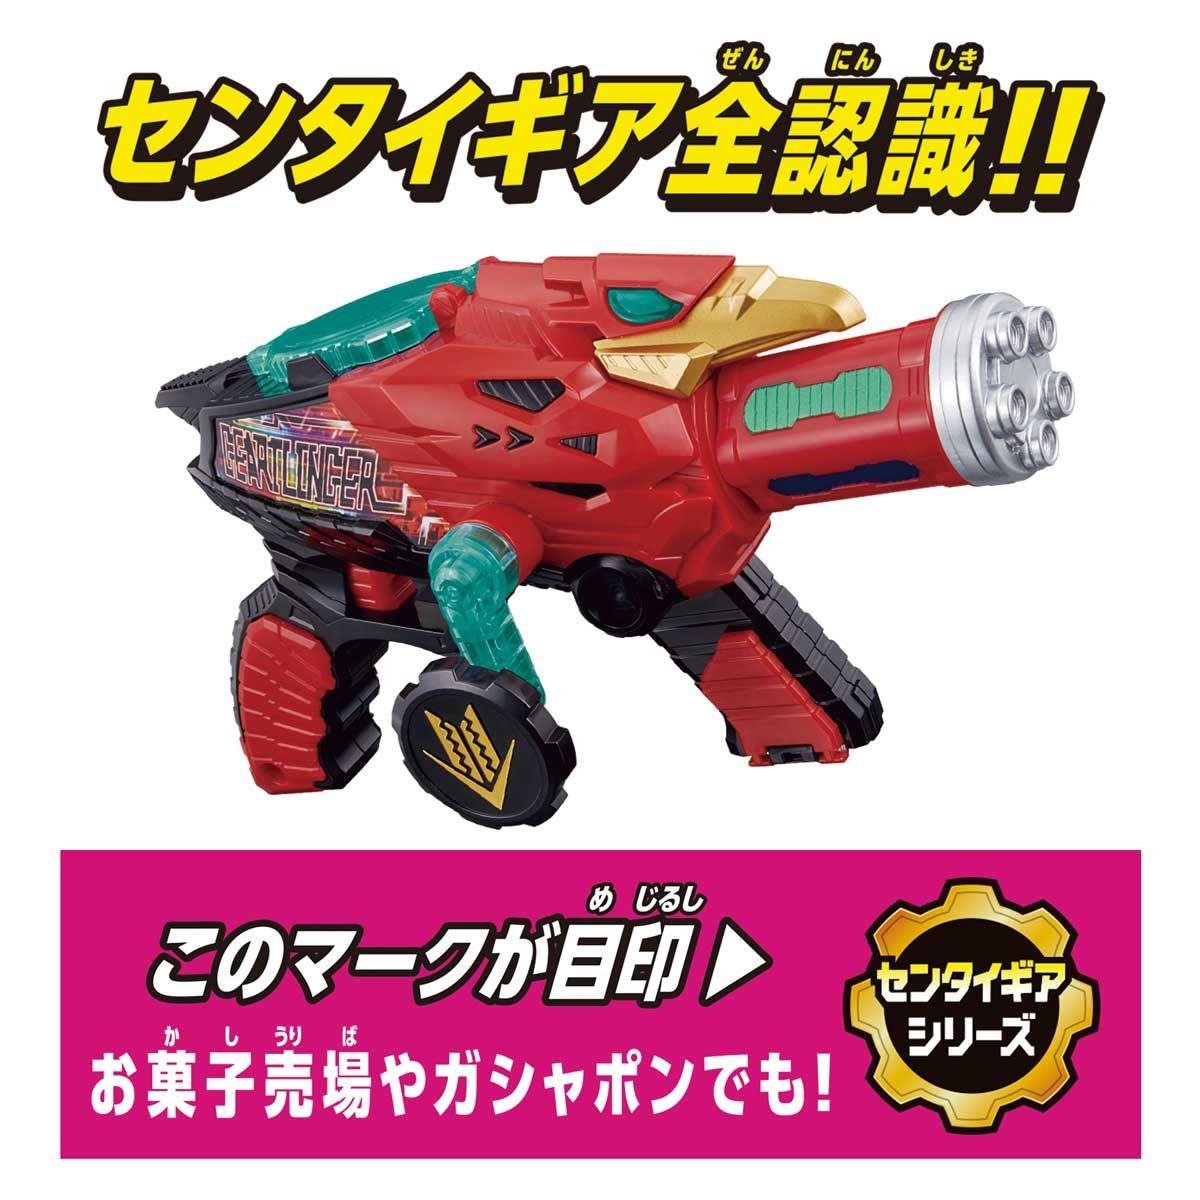 全界変身銃 DXギアトリンガー